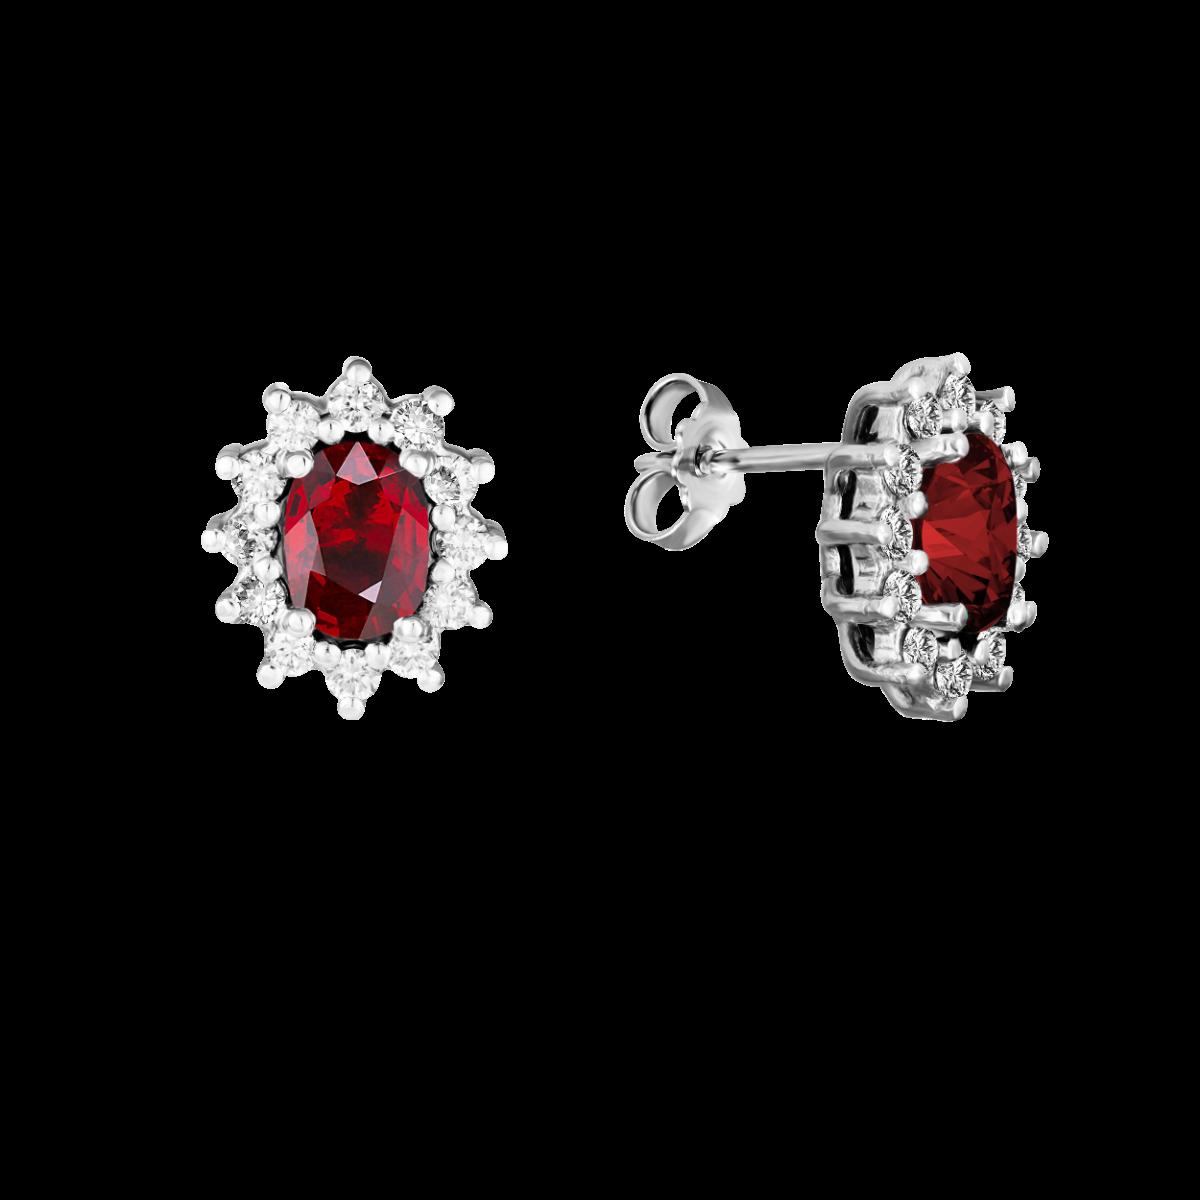 Brincos de rubí e diamantes ouro branco